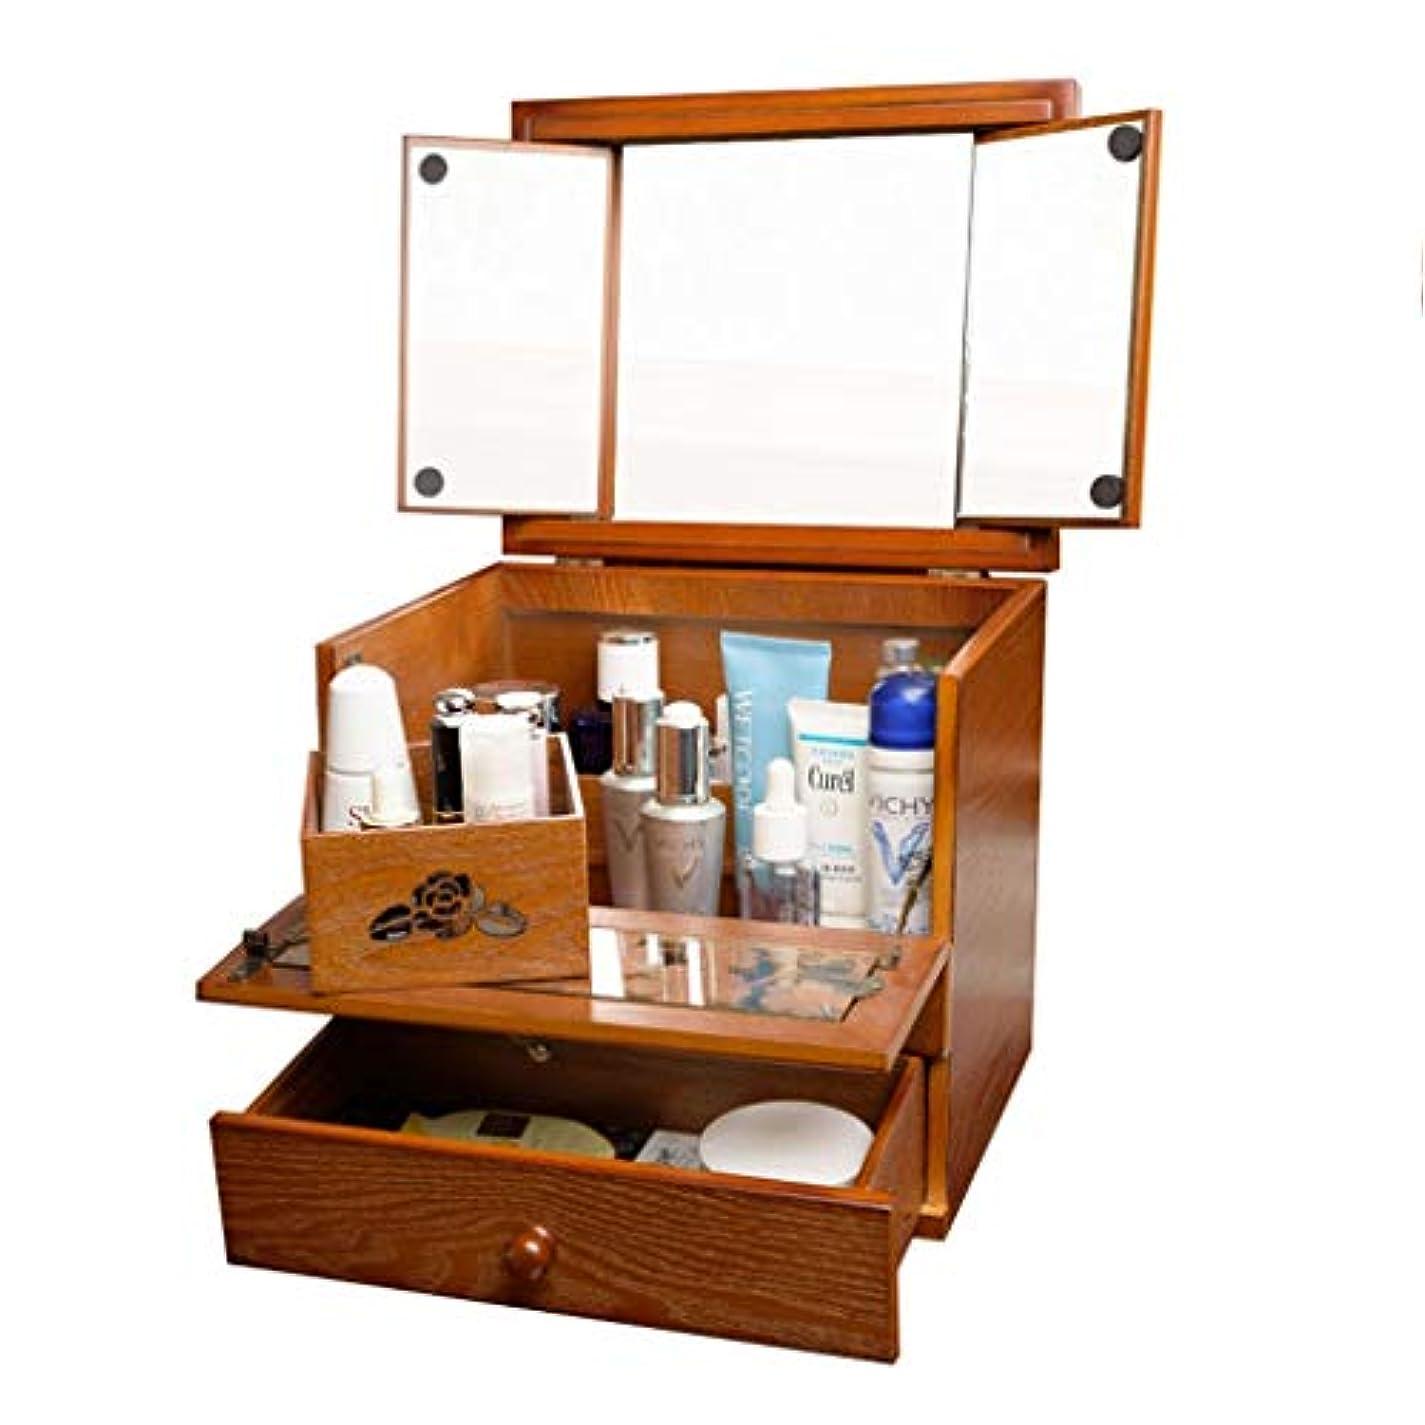 言及する不格好パンサー家庭用化粧品収納ボックス木製大容量化粧品ボックス小さな化粧台ミラー付き (Color : BROWN, Size : 27.5X22.5X32.5CM)